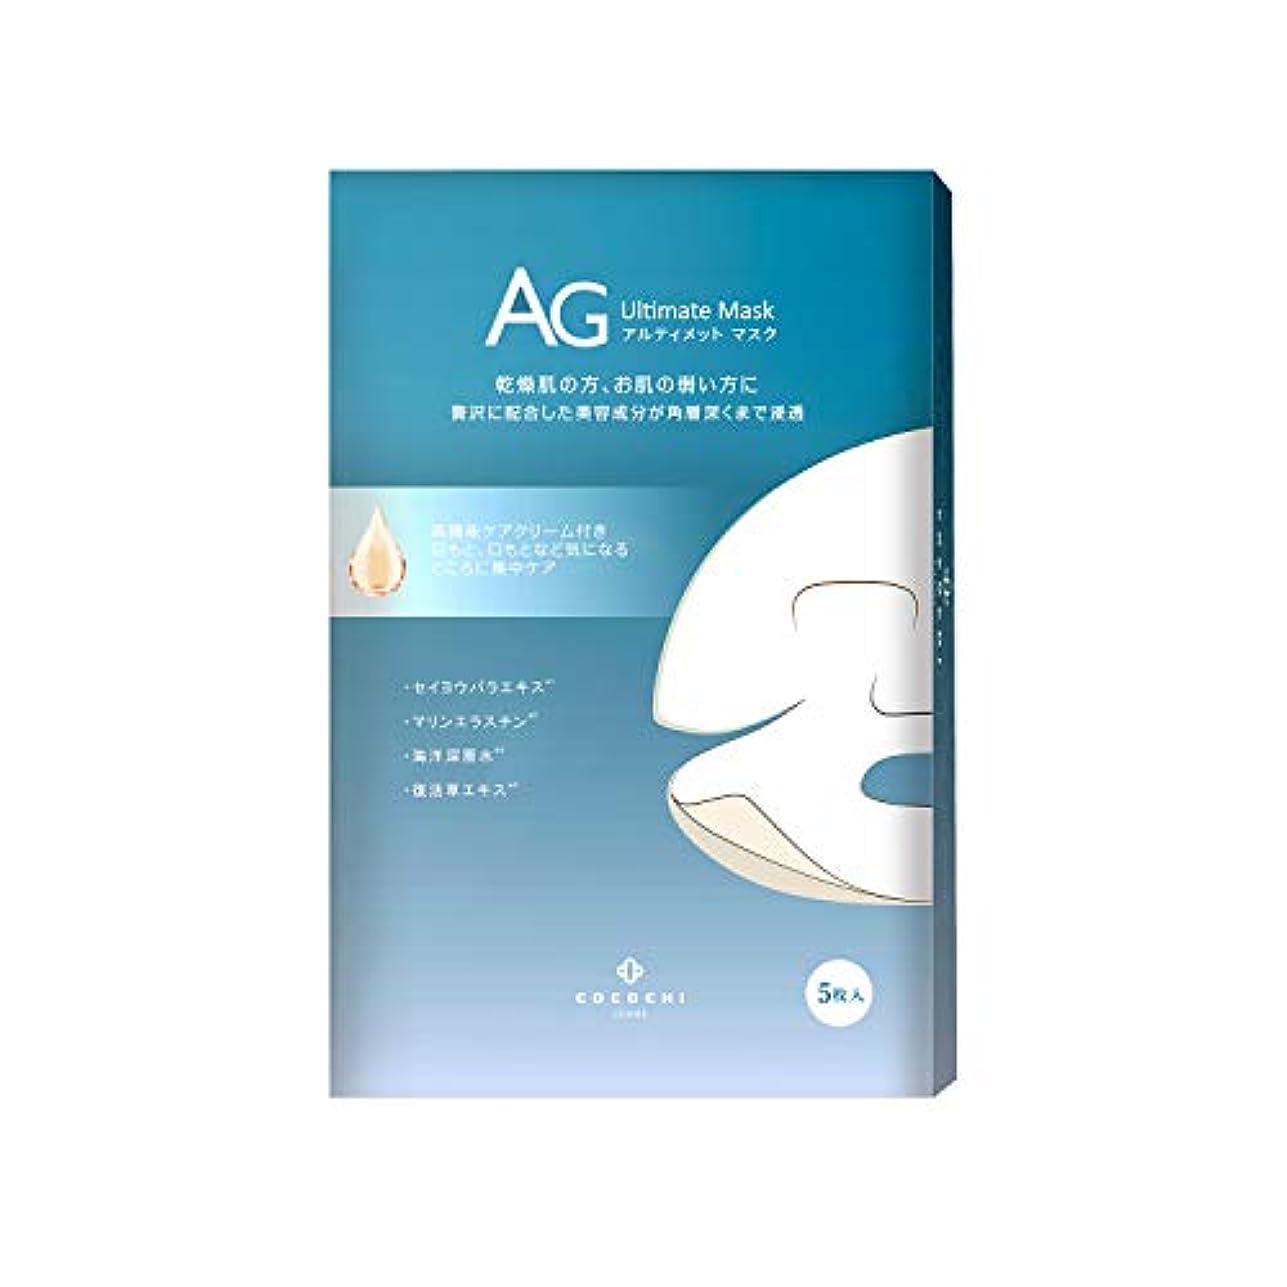 不足レビュアー十億エージーアルティメット(AGアルティメット) エージーアルティメットオーシャンマスク フェイスマスク 5